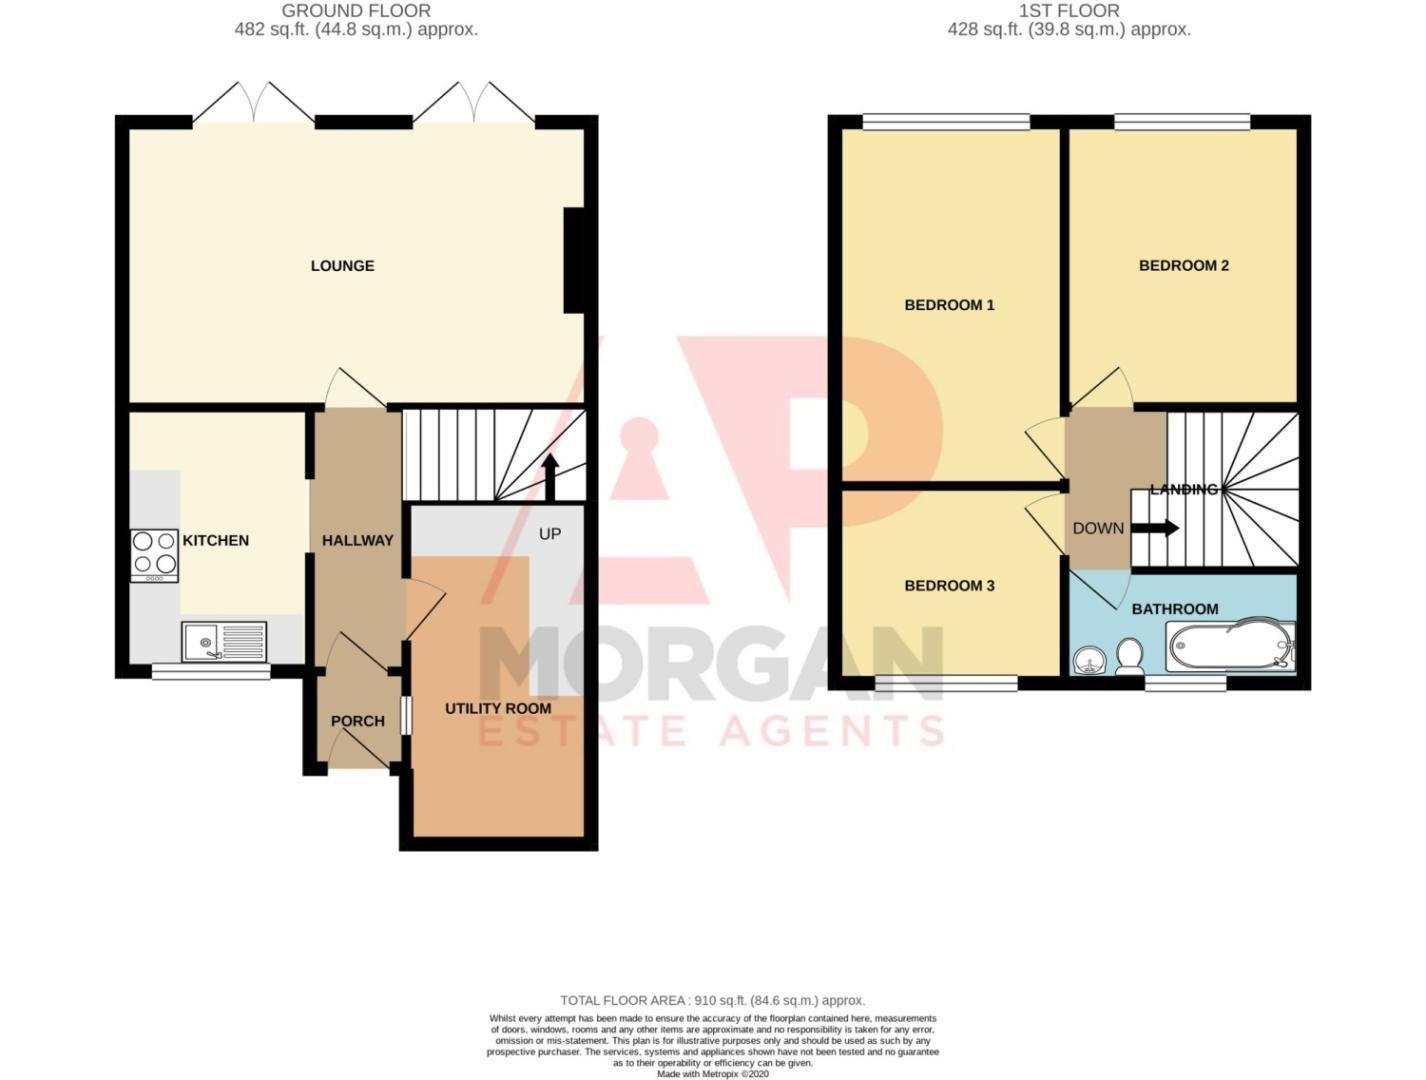 Semi-detached for sale in Kestrel Road, Halesowen - Property Floorplan